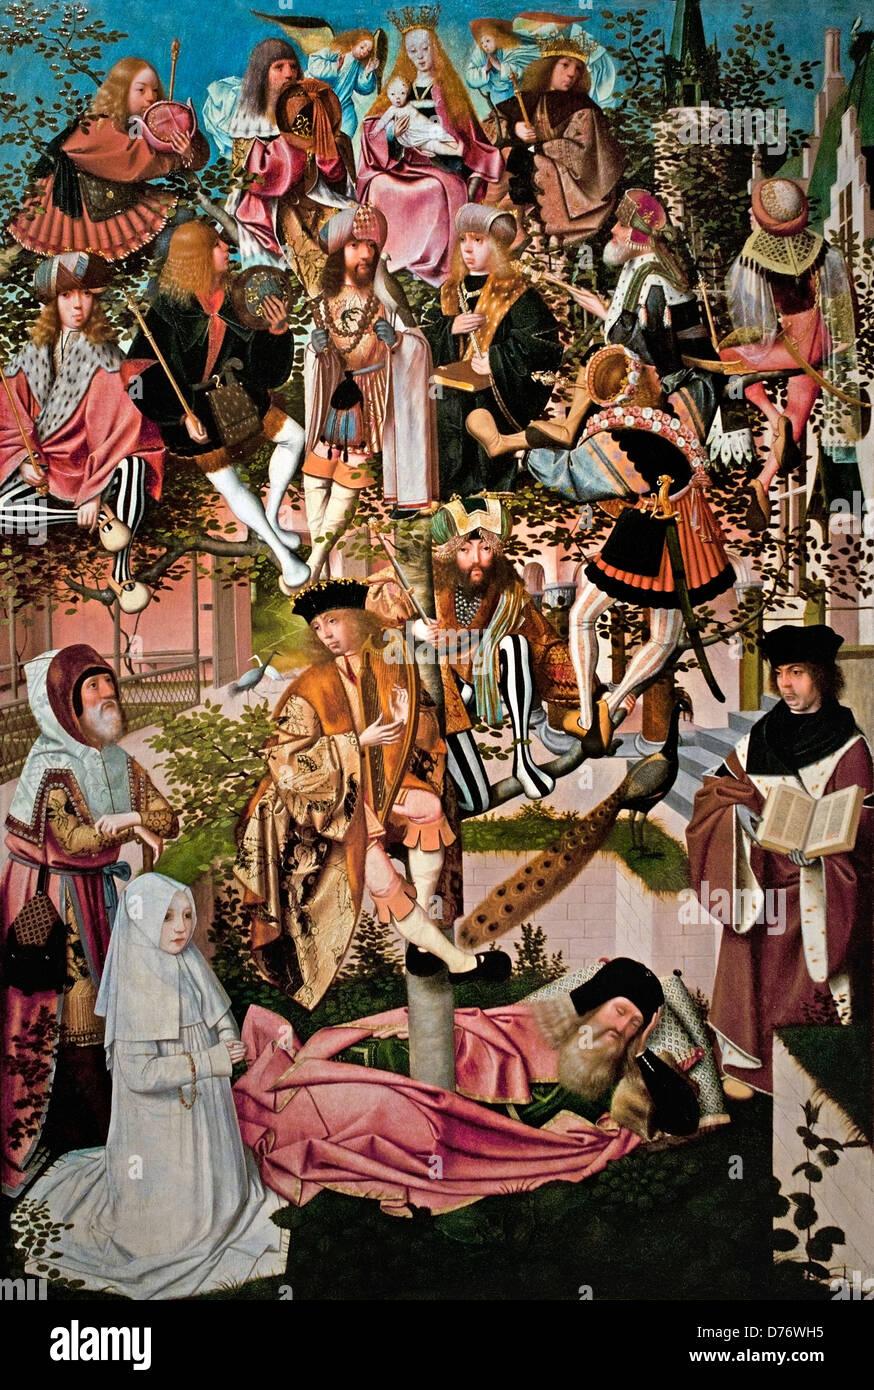 Der Baum von Jesse Kreis Geertgen tot Sint Jans 1500 Niederlande Niederlande (Stammbaum Christi) Stockfoto